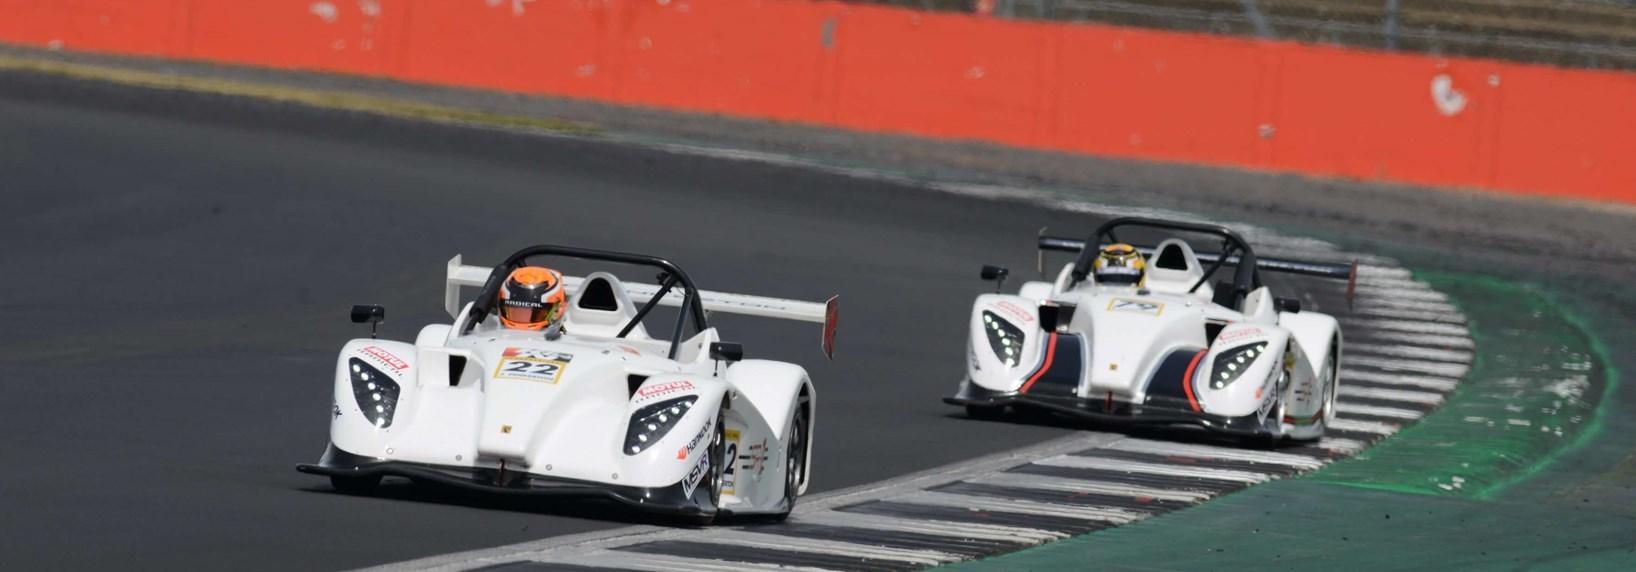 MSVR - Radical SR1 Cup